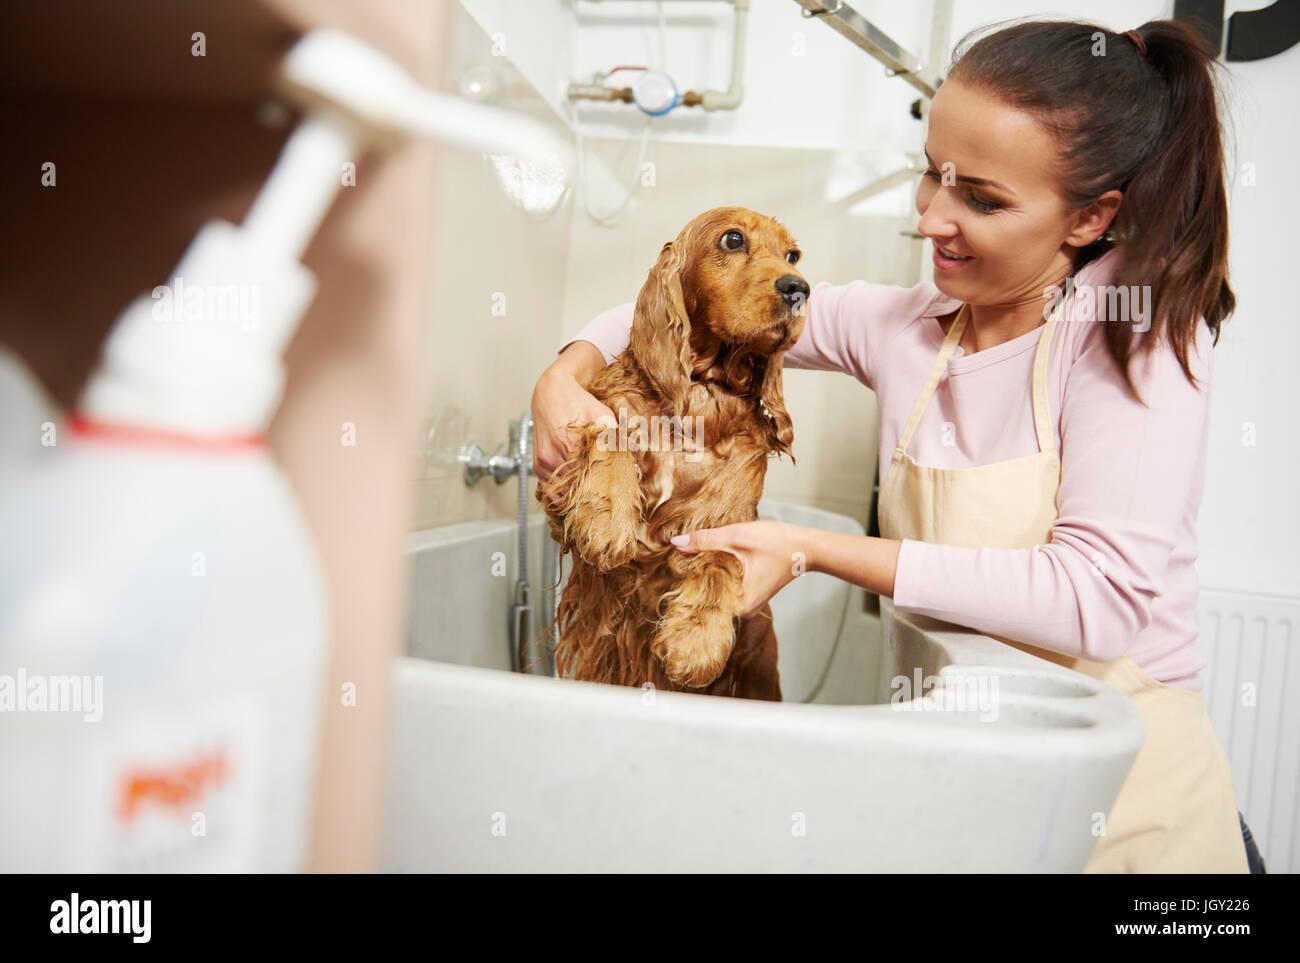 Toiletteur femelle cocker baignade dans la baignoire au salon de toilettage de chien Banque D'Images